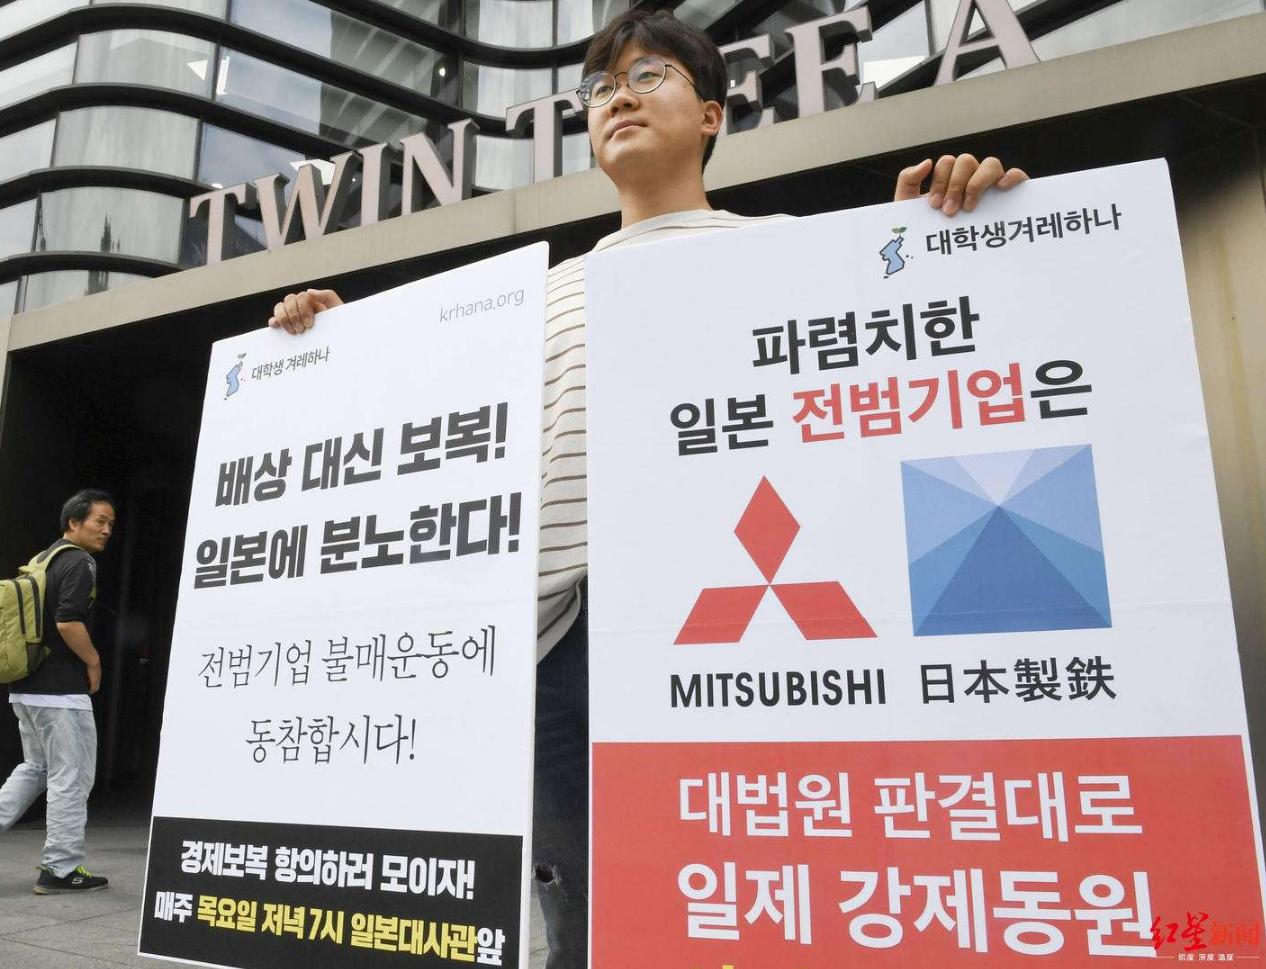 日本对韩国半导体和面板材料管制 三星、海力士存在停产风险